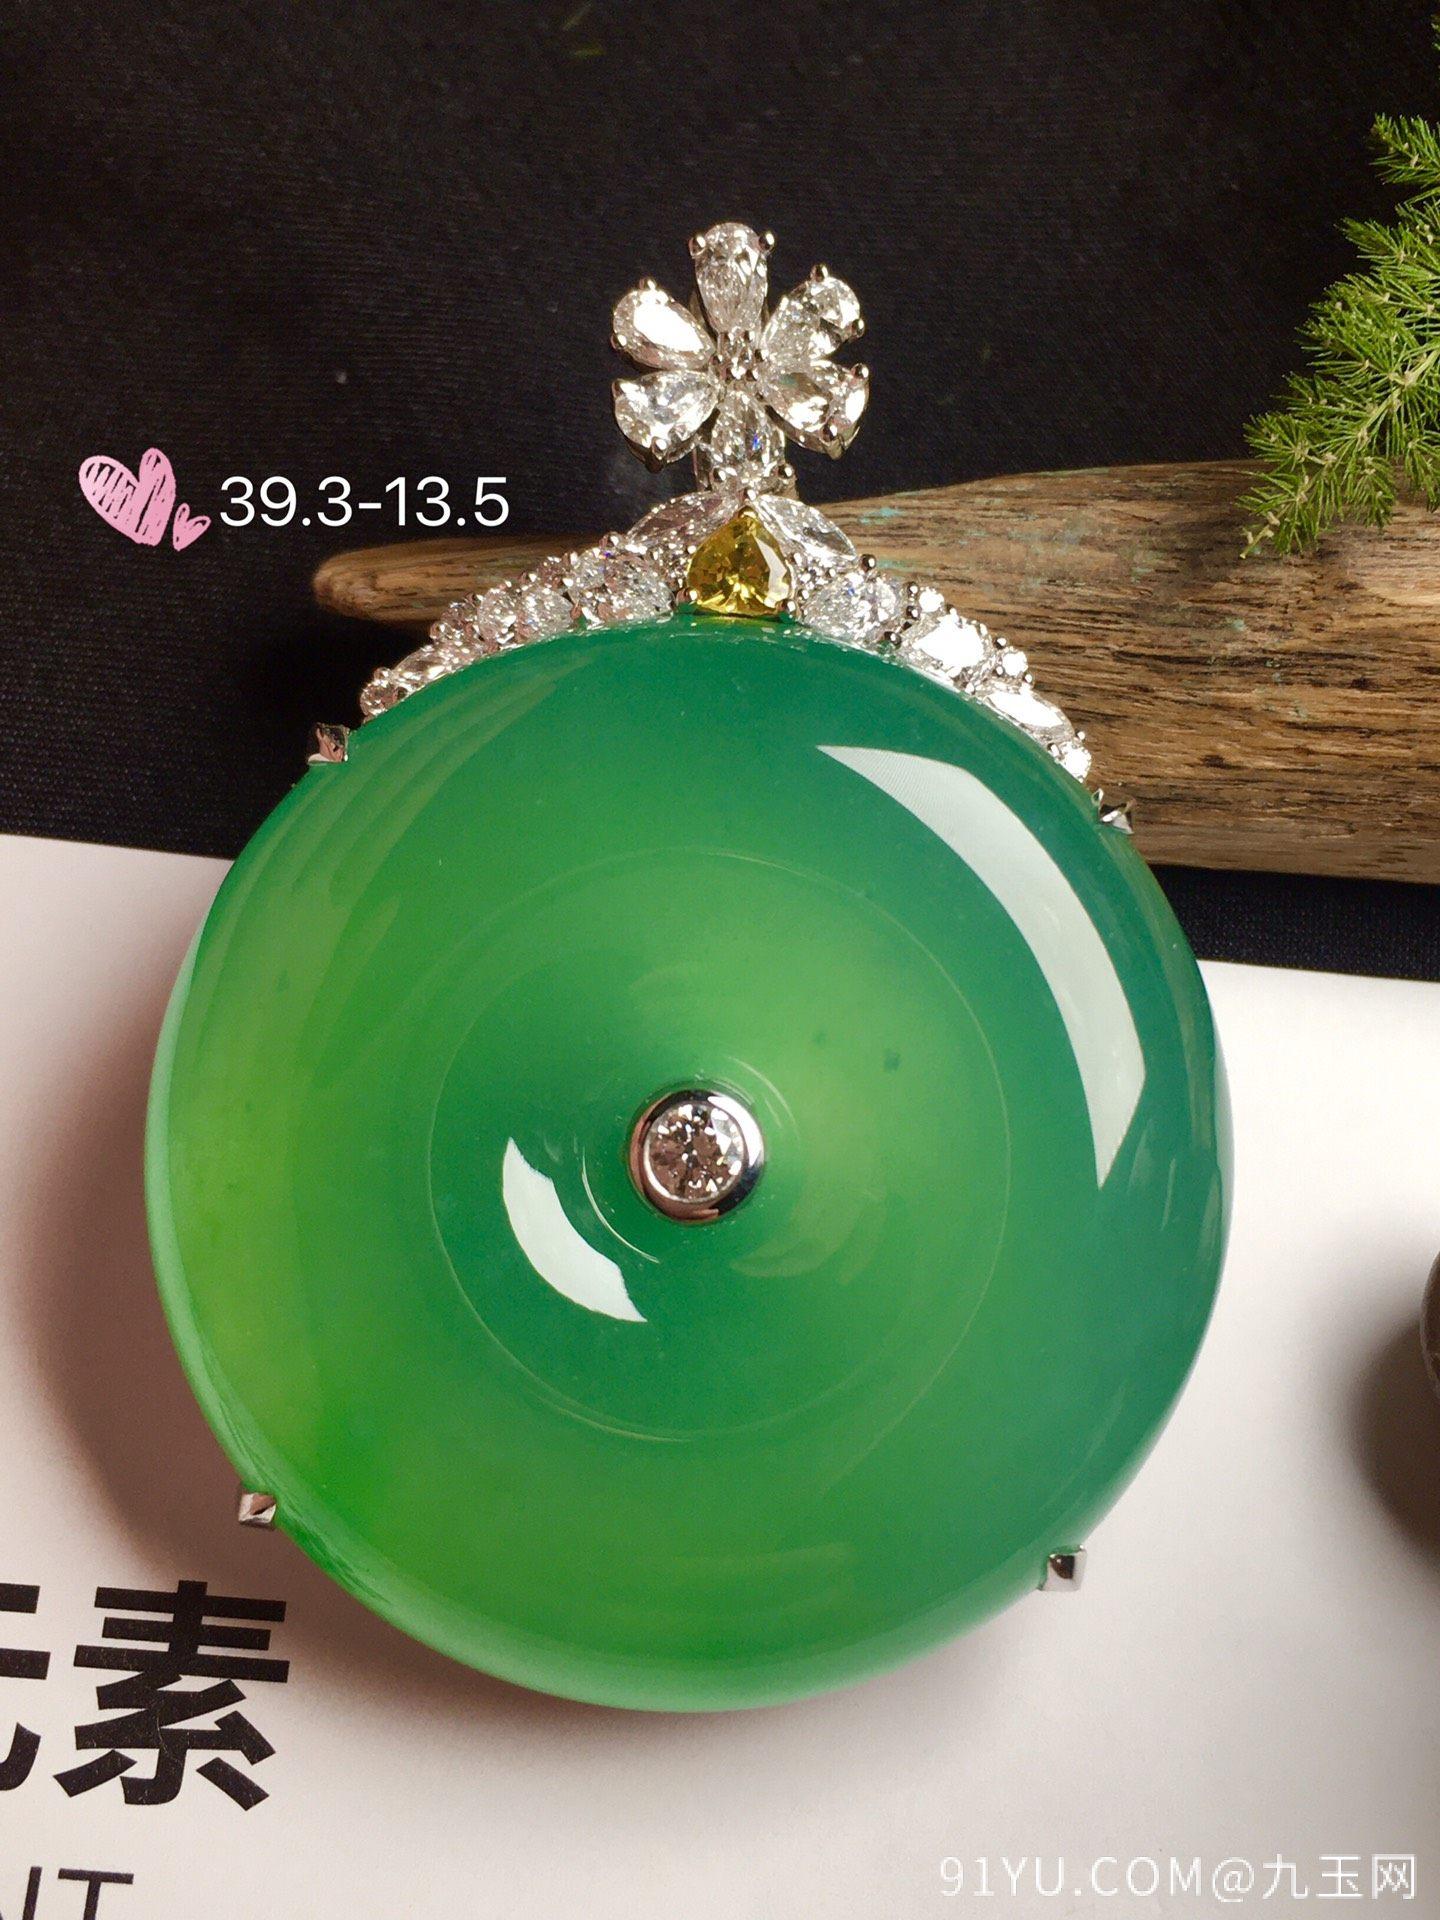 价:【平安扣,冰正阳绿】通透,润水细腻,完美,18k金华奢钻镶石嵌☕第1张